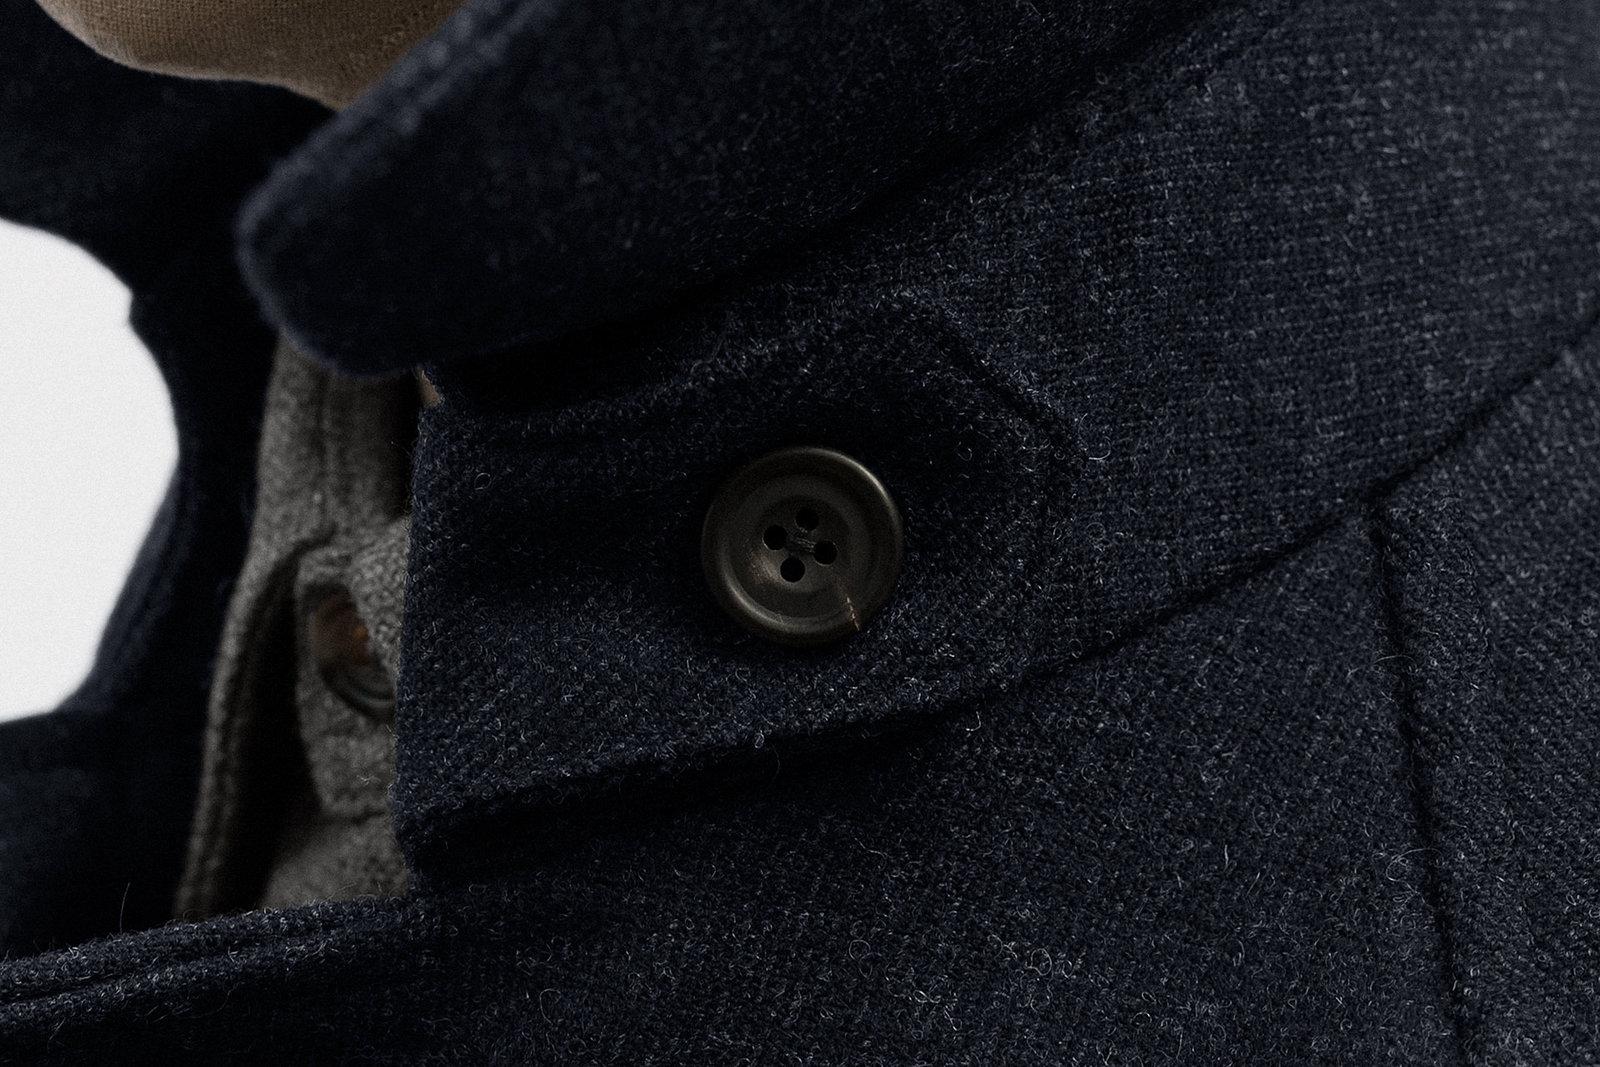 trench-coat-natte-tweed-dark-navy-17@2x.jpg